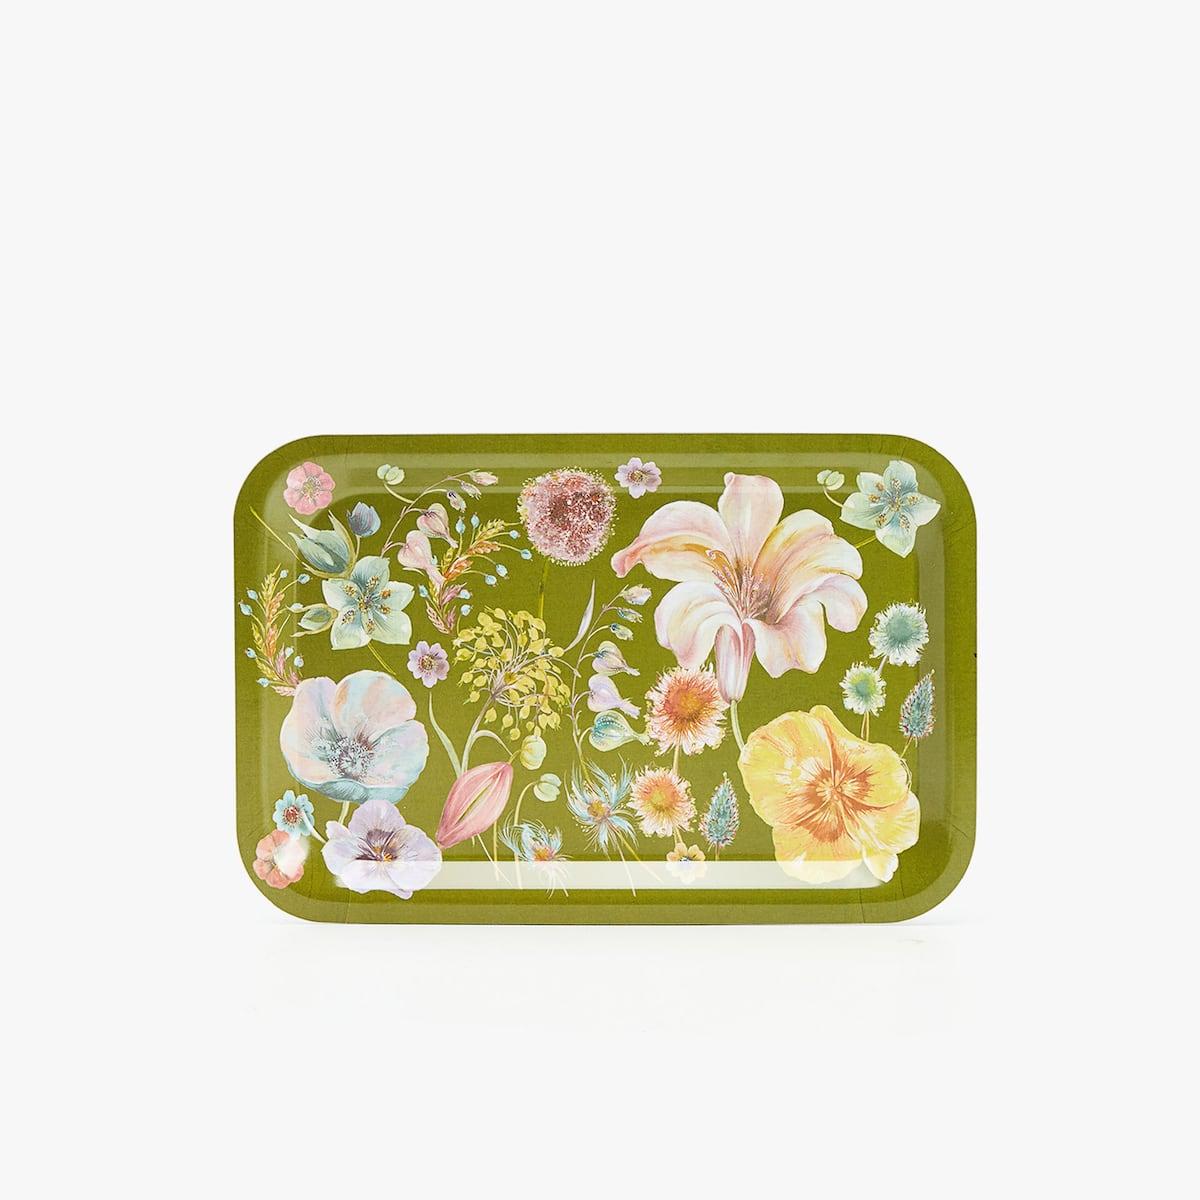 Afbeelding 2 van het product Dienblad met bloemenprint